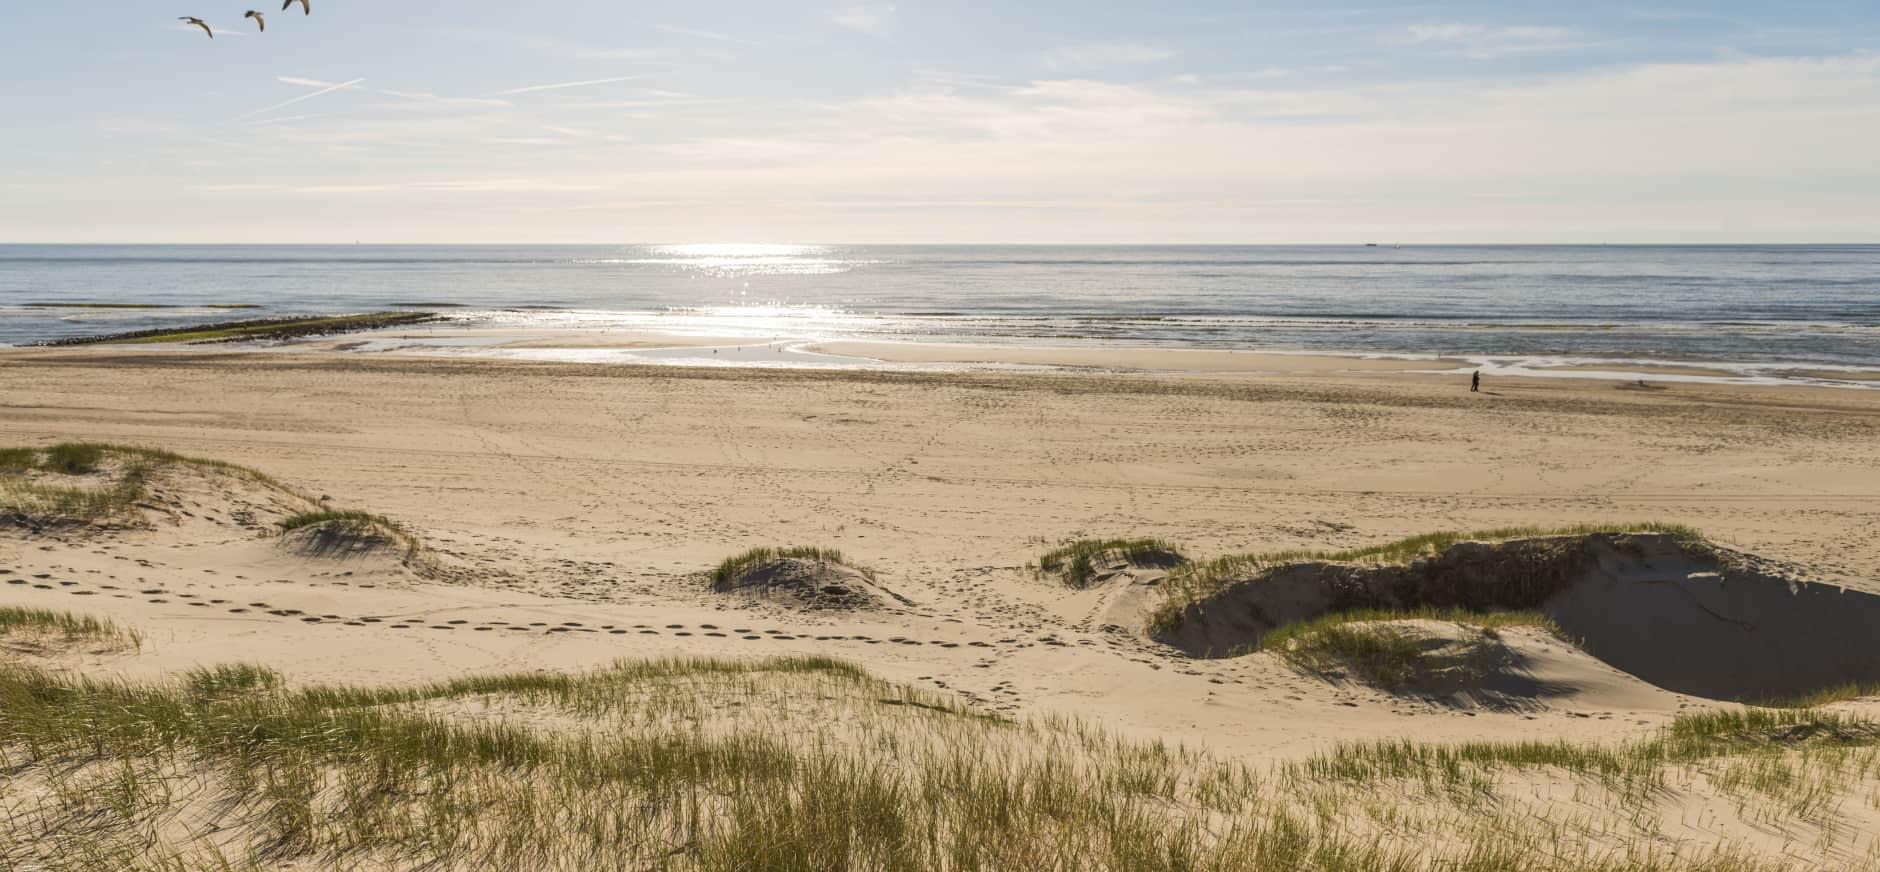 Bescherm de kust